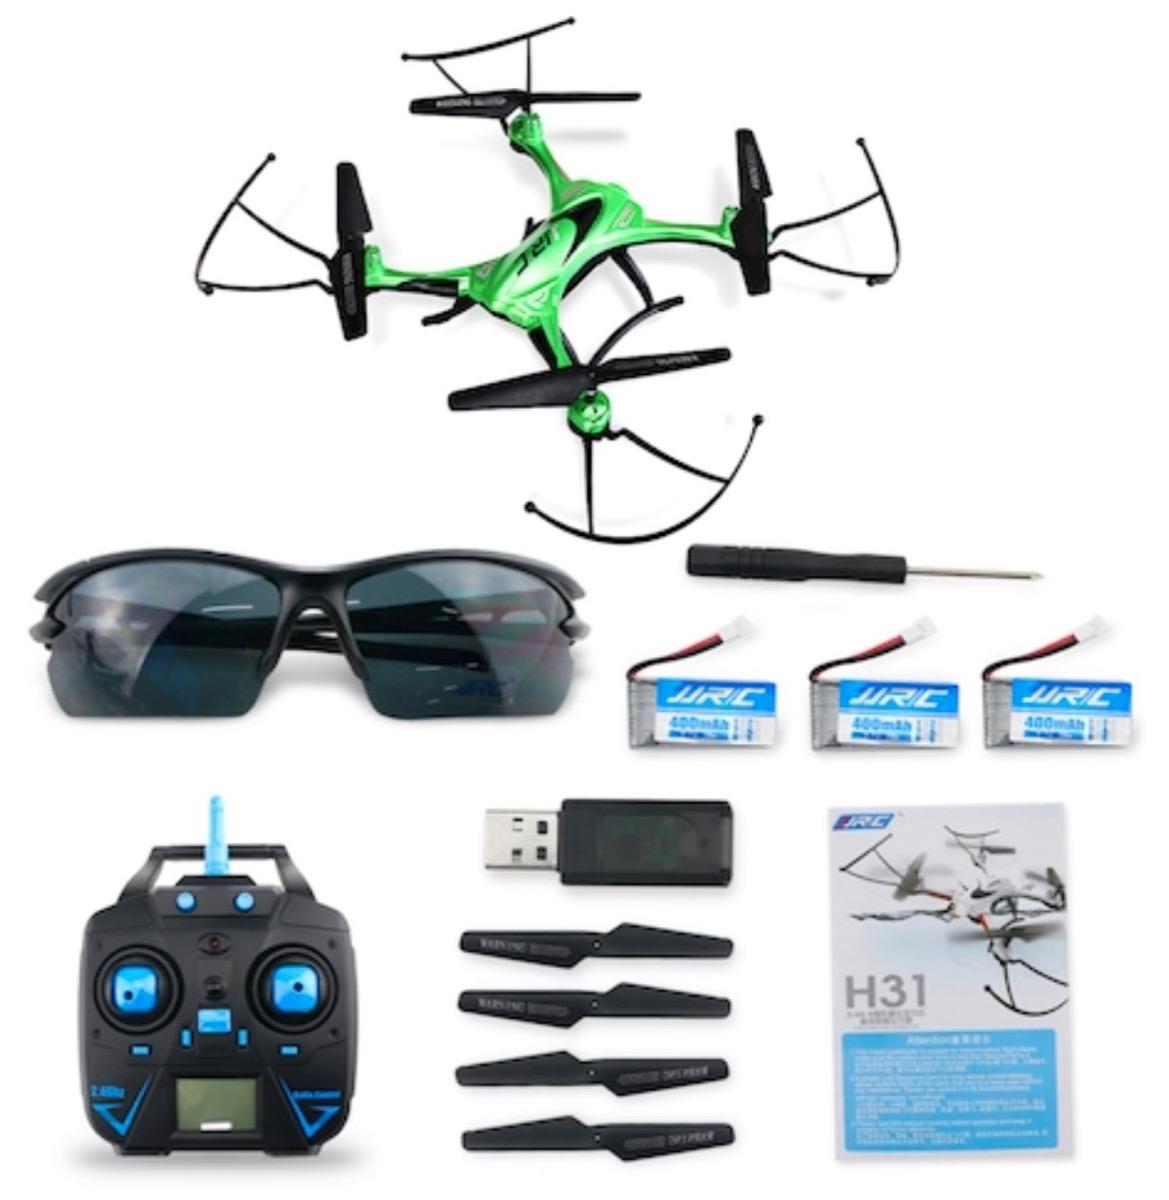 Col mini-drone JJRC H31 giocate e vi allenate col volo spendendo solo 33 euro